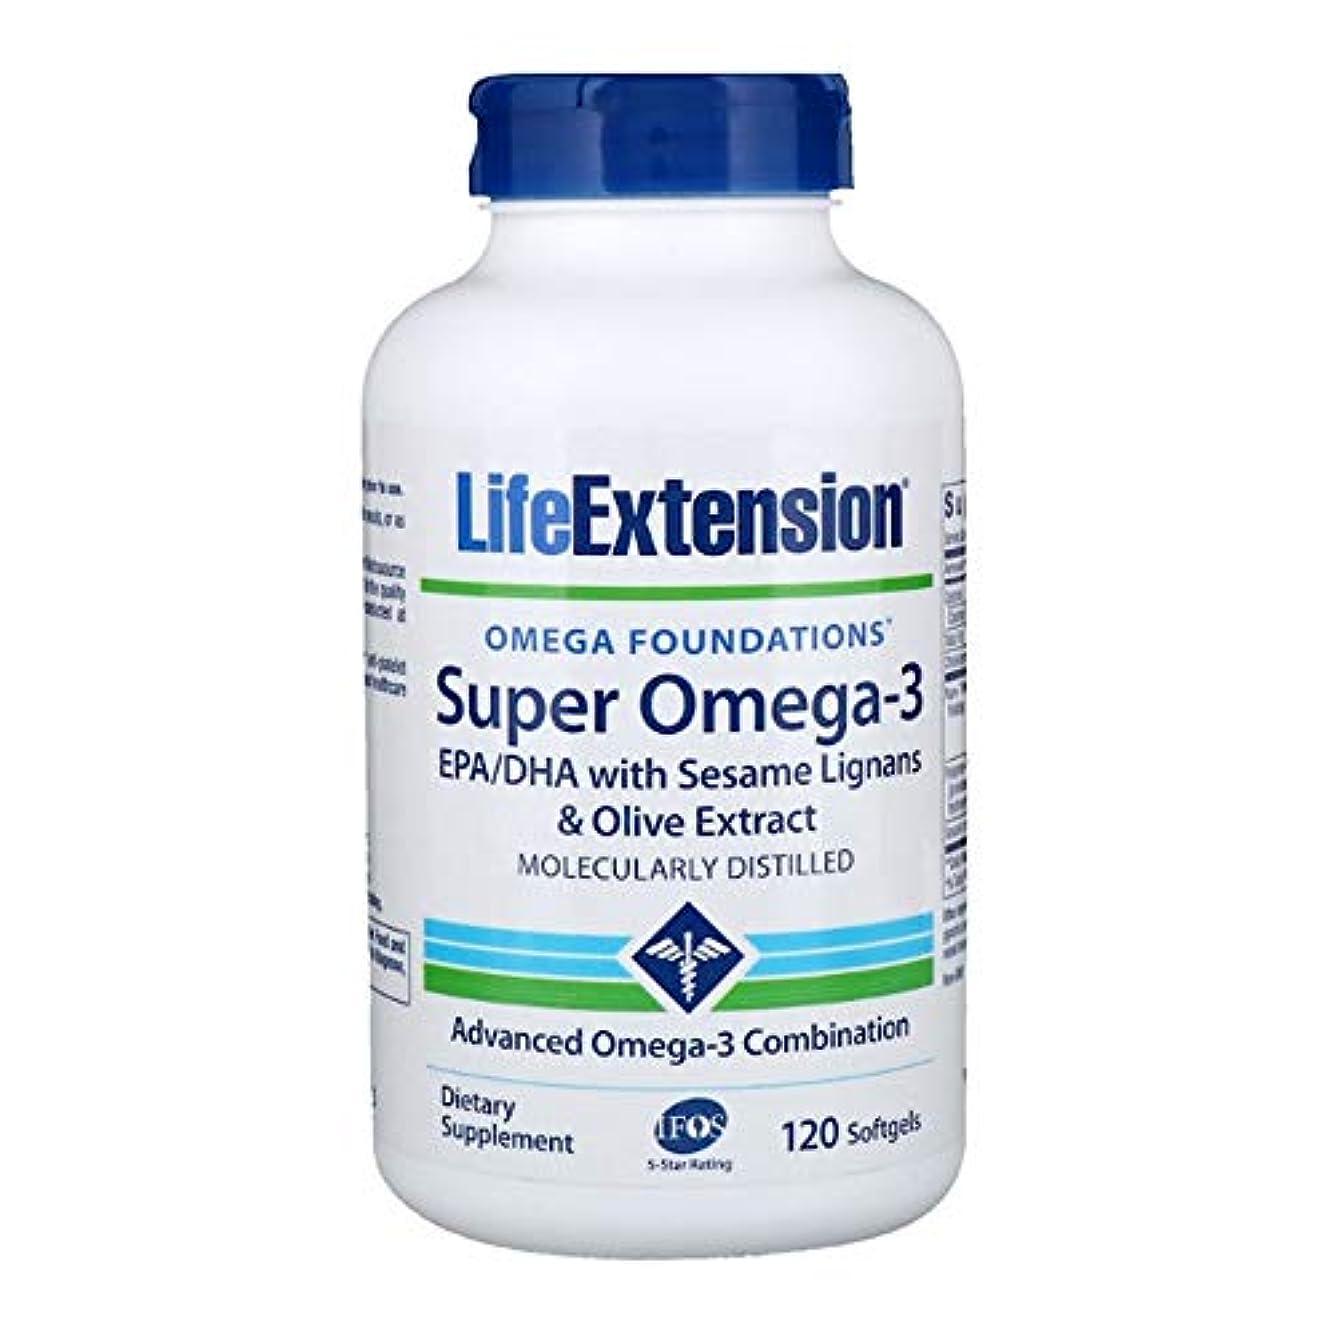 感嘆符女の子胆嚢Life Extension Omega Foundations Super Omega 3 120 ソフトジェルカプセル 【アメリカ直送】